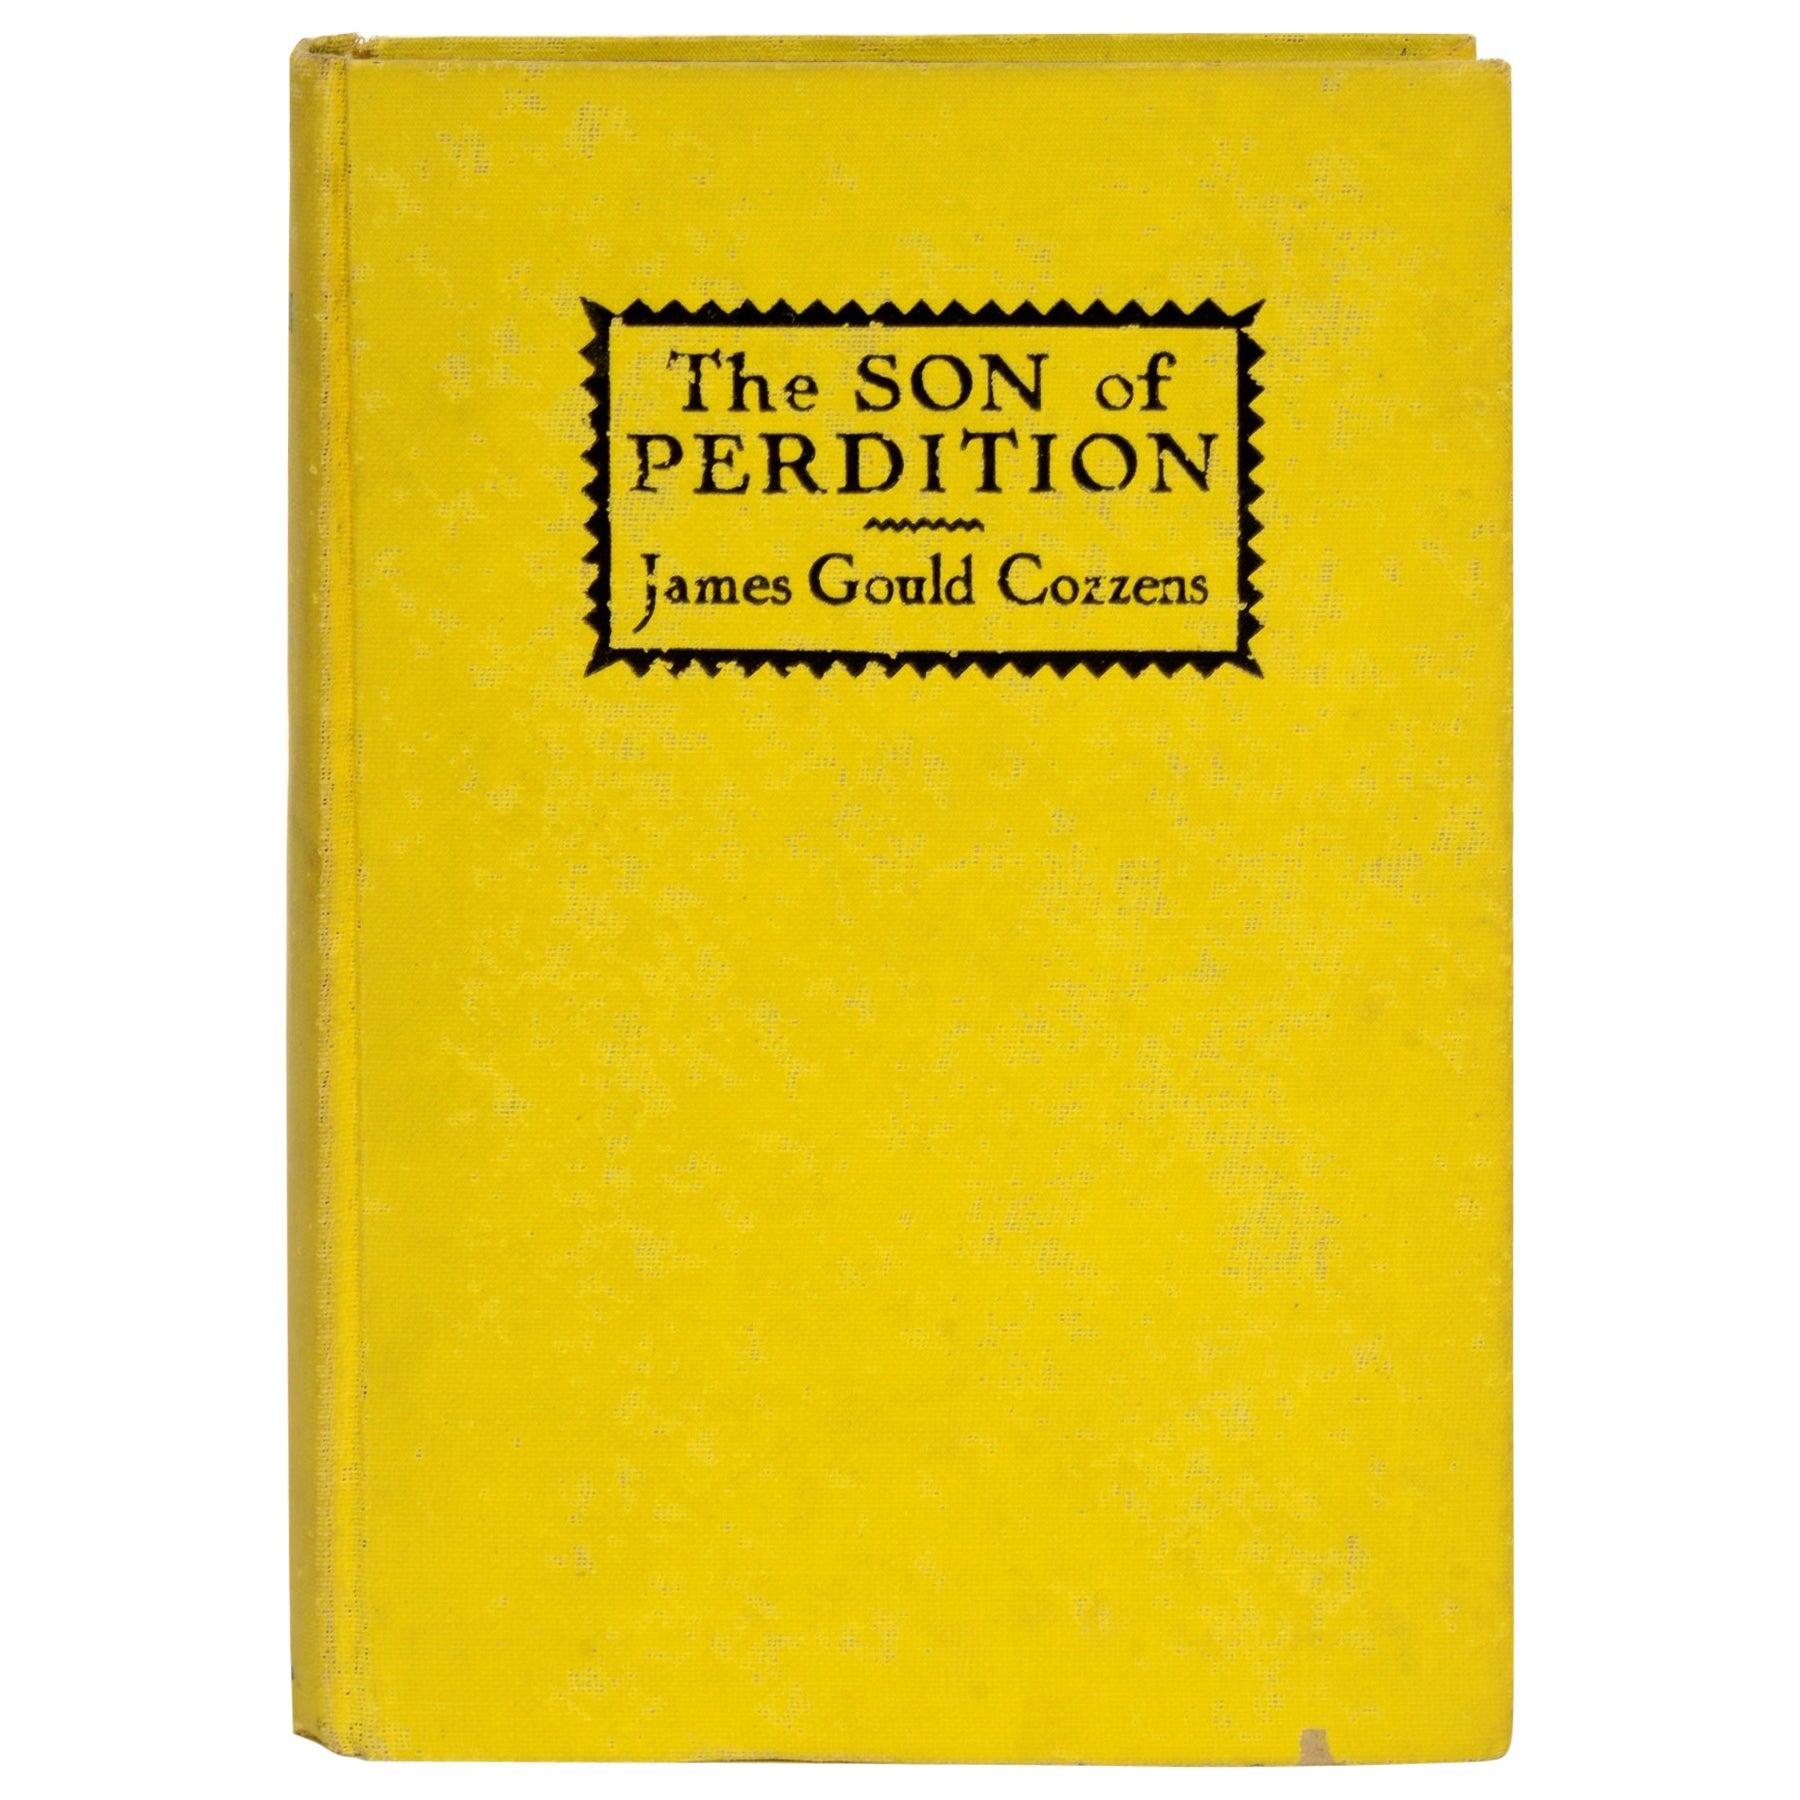 Son of Perdition by James Cozzens, Rare 1st Ed Pre-Publication Review Copy